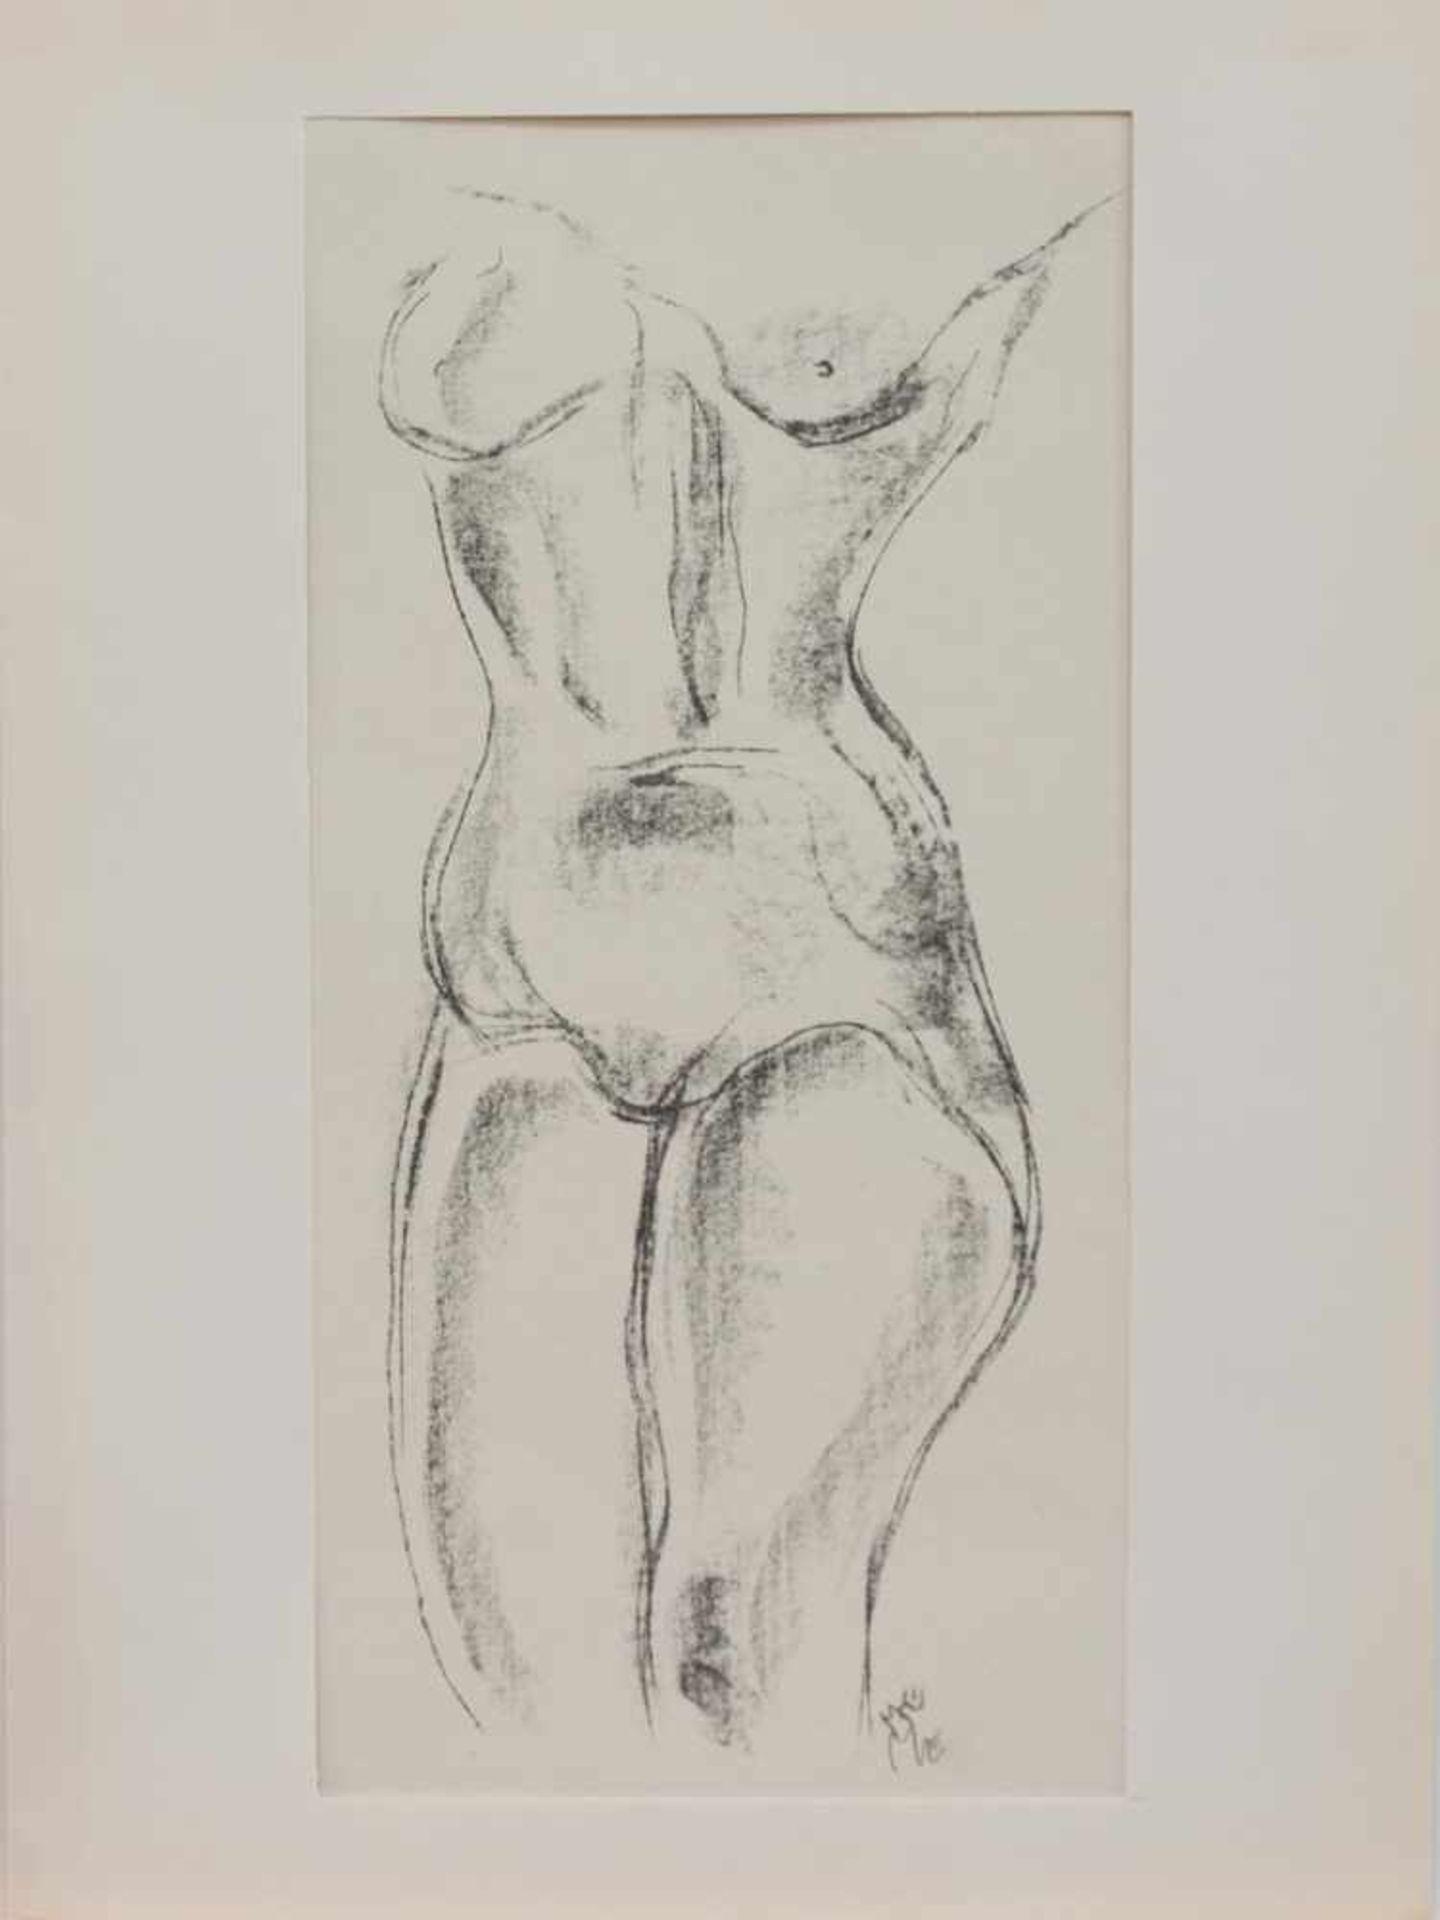 Los 36 - Herbert (Meyer) Mhe (1891 - 1952 Hamburg, deutscher Bildhauer Grafiker u. Zeichner, Std. a.d. AK